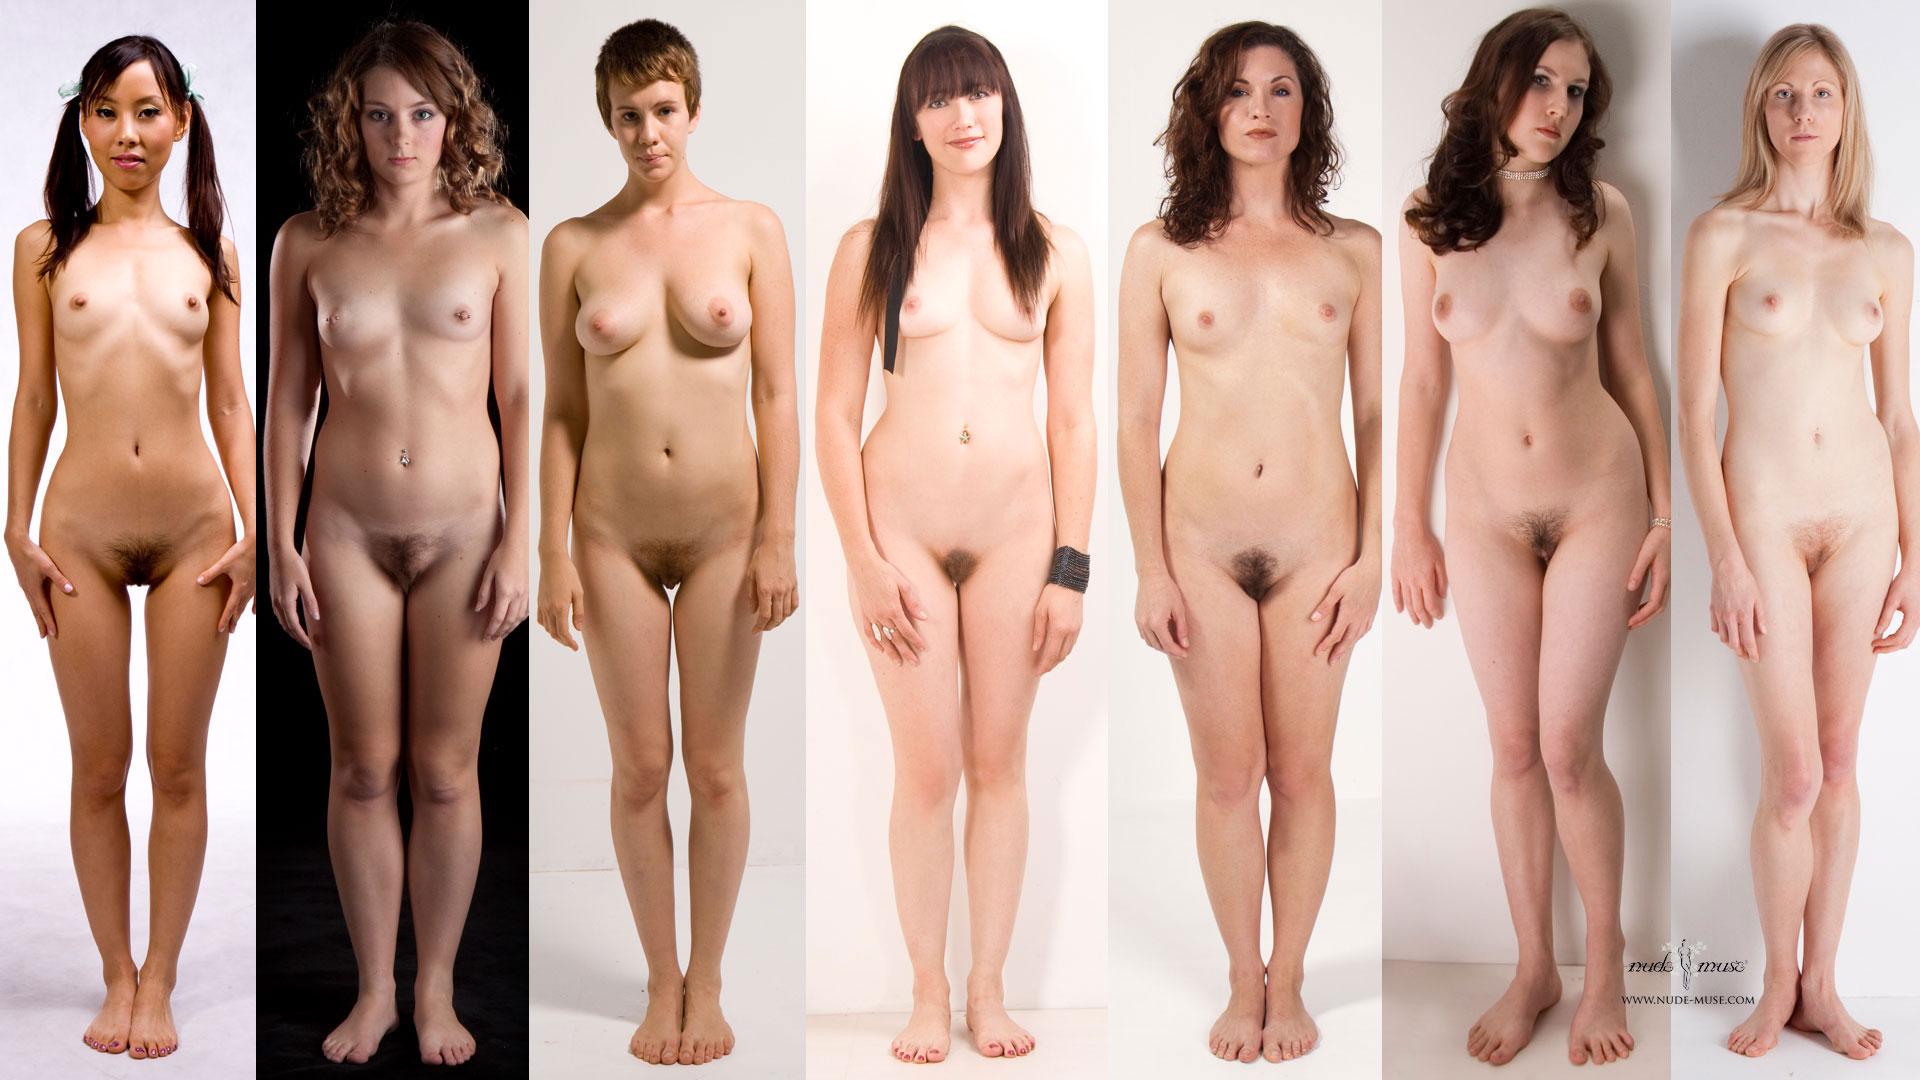 непонятно, женщины какой национальности считаются более секси без посредника